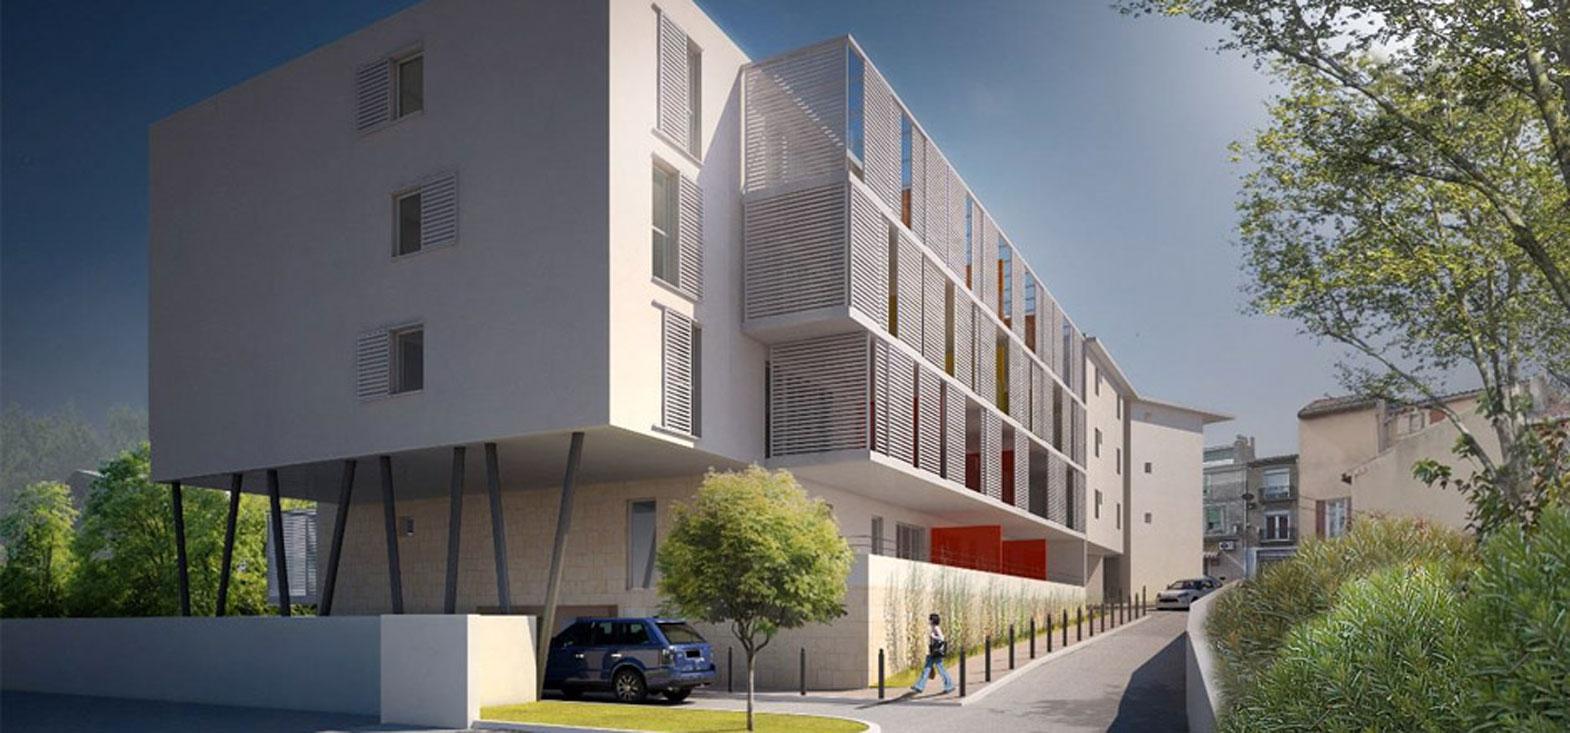 Programme construction maison for Programme construction neuve